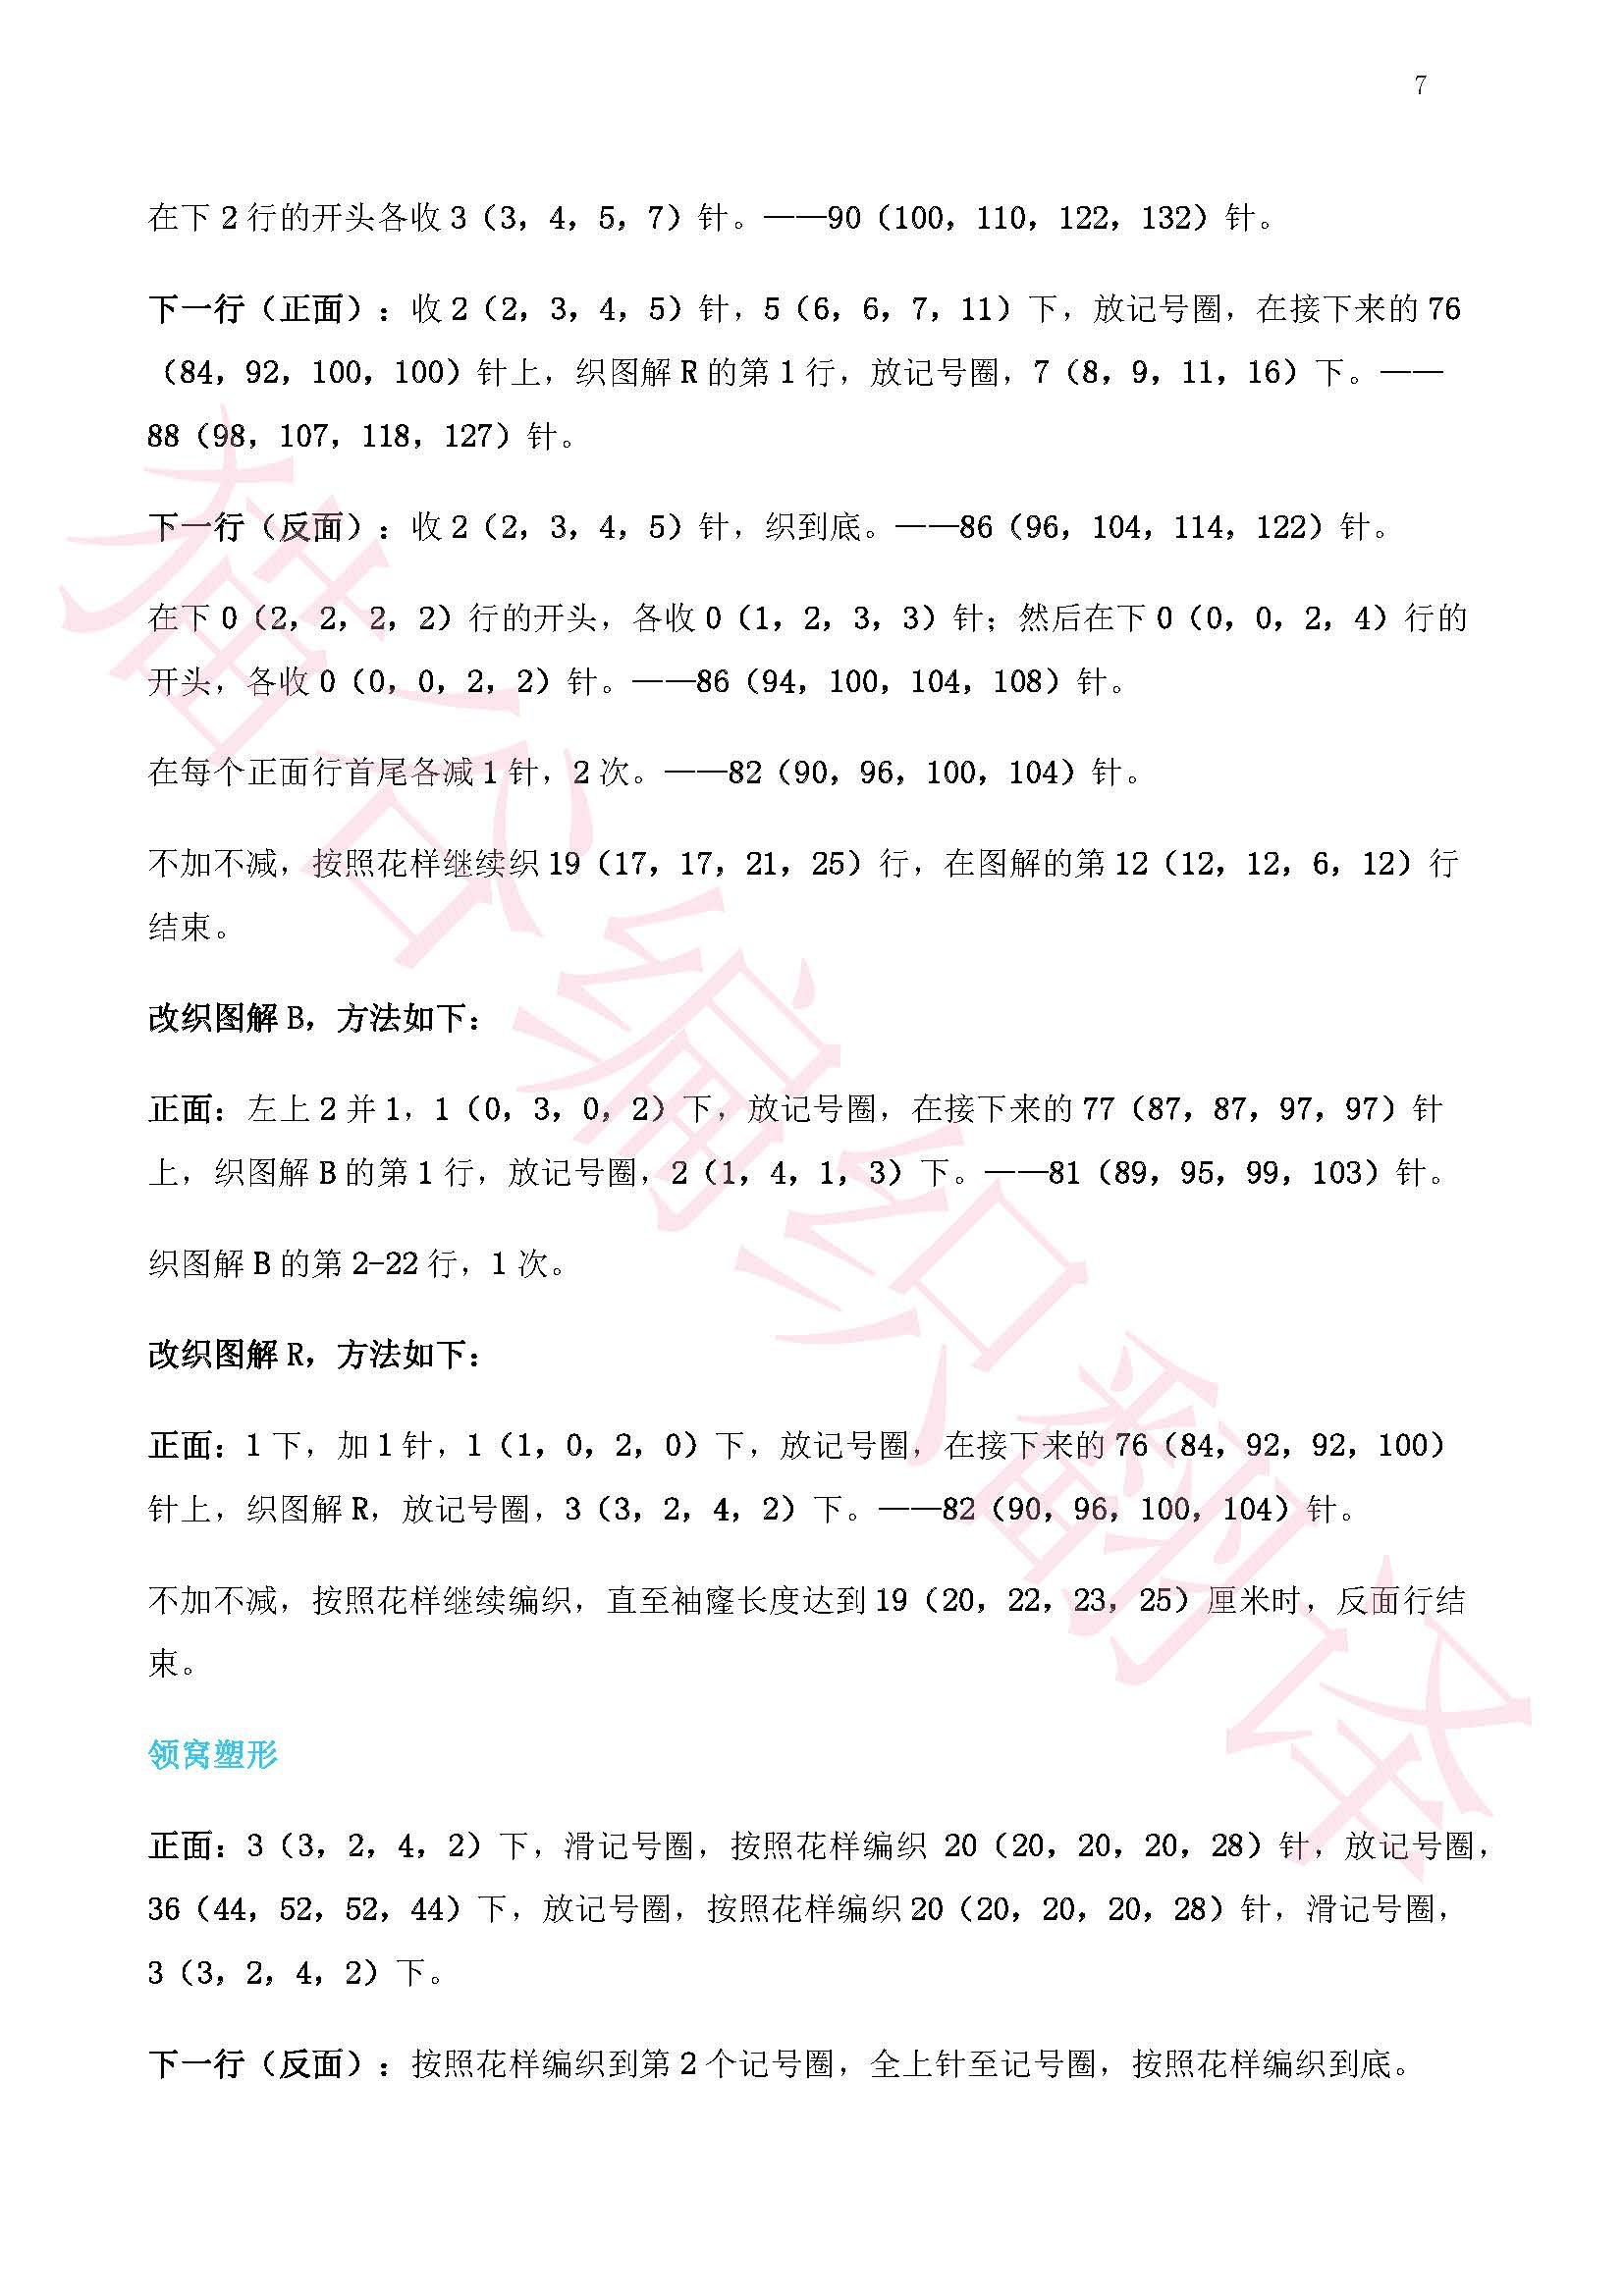 人鱼泪_页面_07.jpg